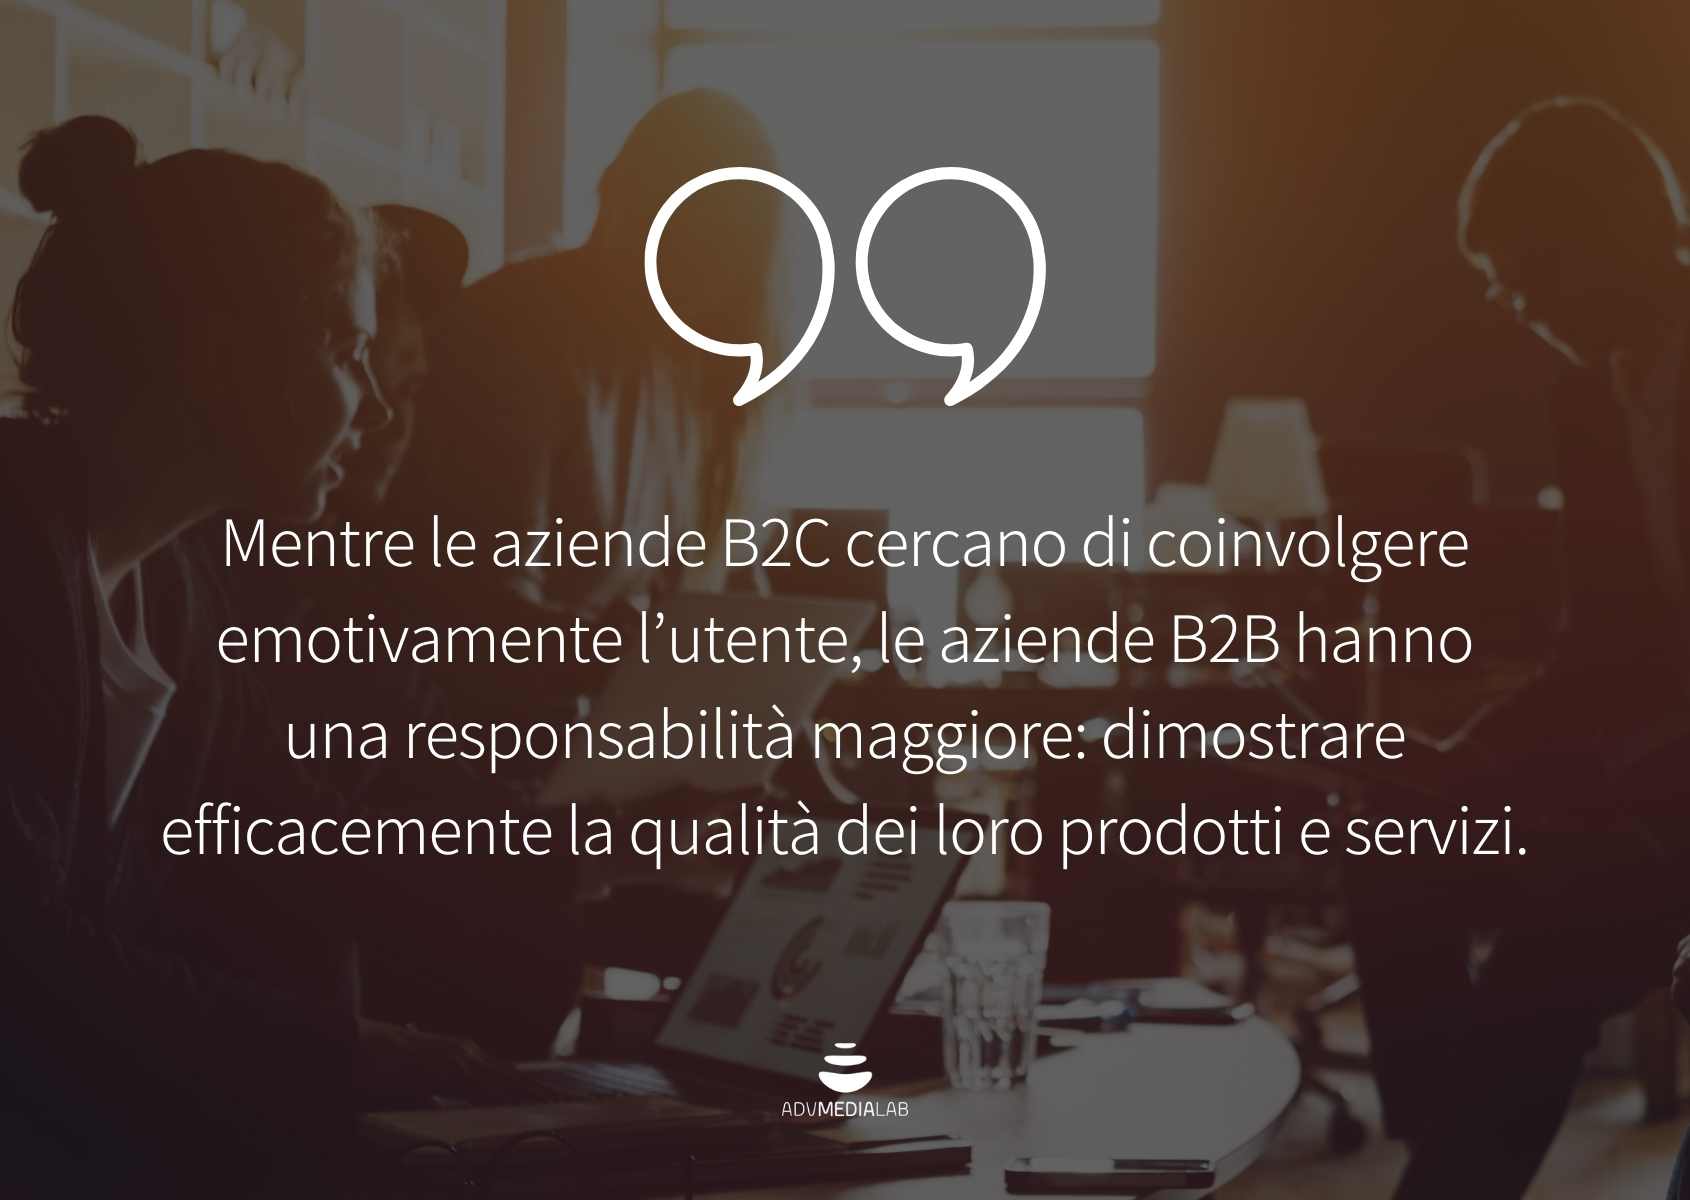 Quote: Mentre le aziende B2C cercano di coinvolgere emotivamente l'utente, le aziende B2B hanno una responsabilità maggiore: dimostrare efficacemente la qualità dei loro prodotti.